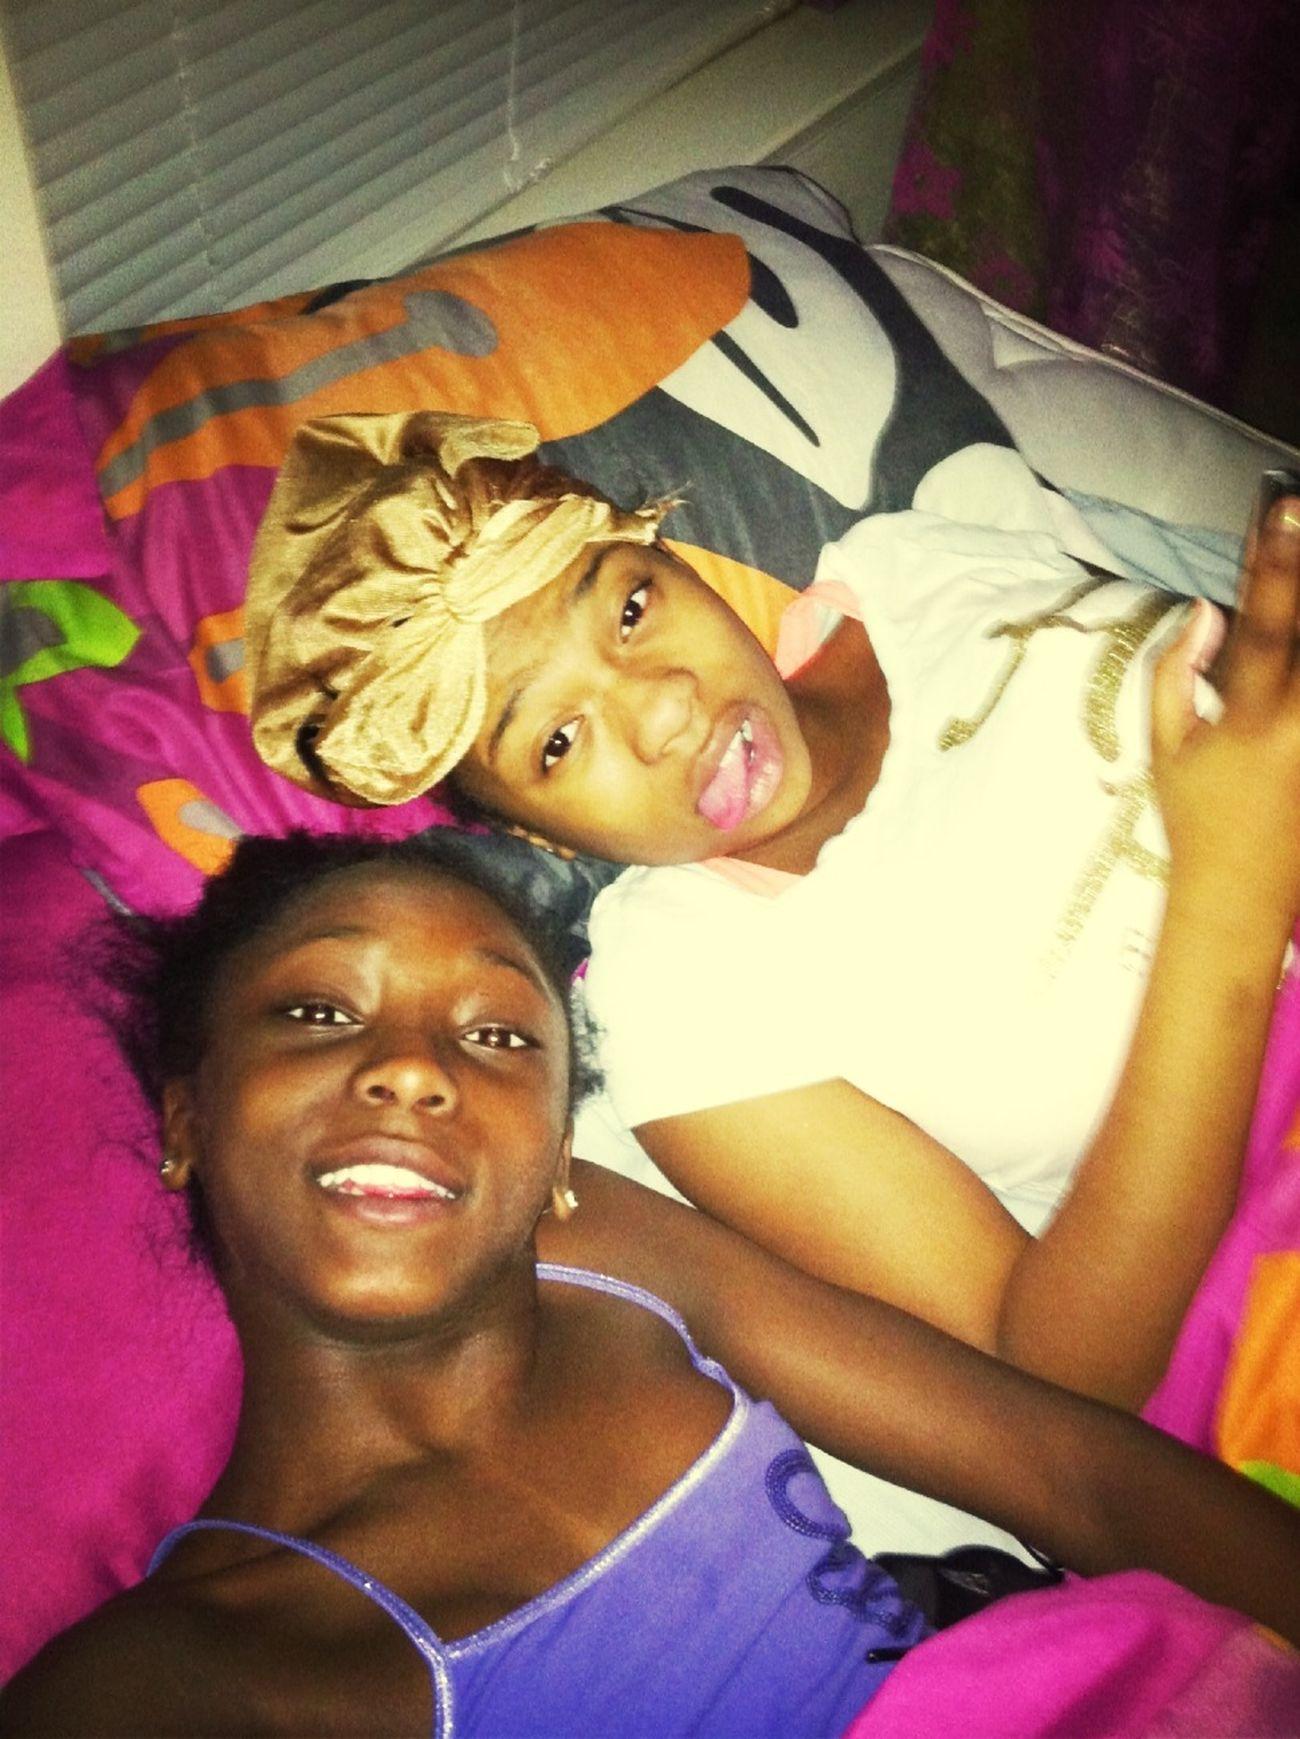 Me N My Cuz @yoojayyy